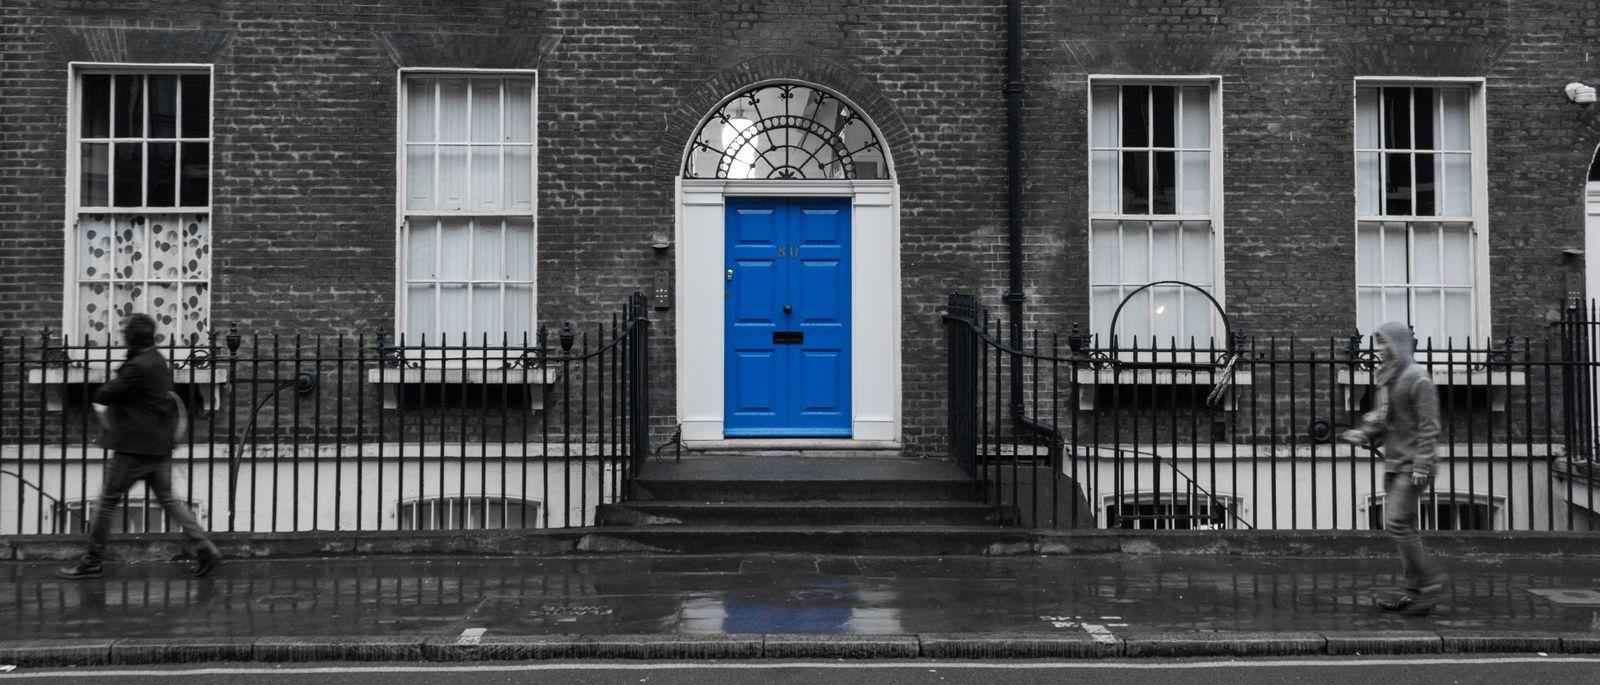 Hay más TARDIS ocultas a plena vista en Gower Street